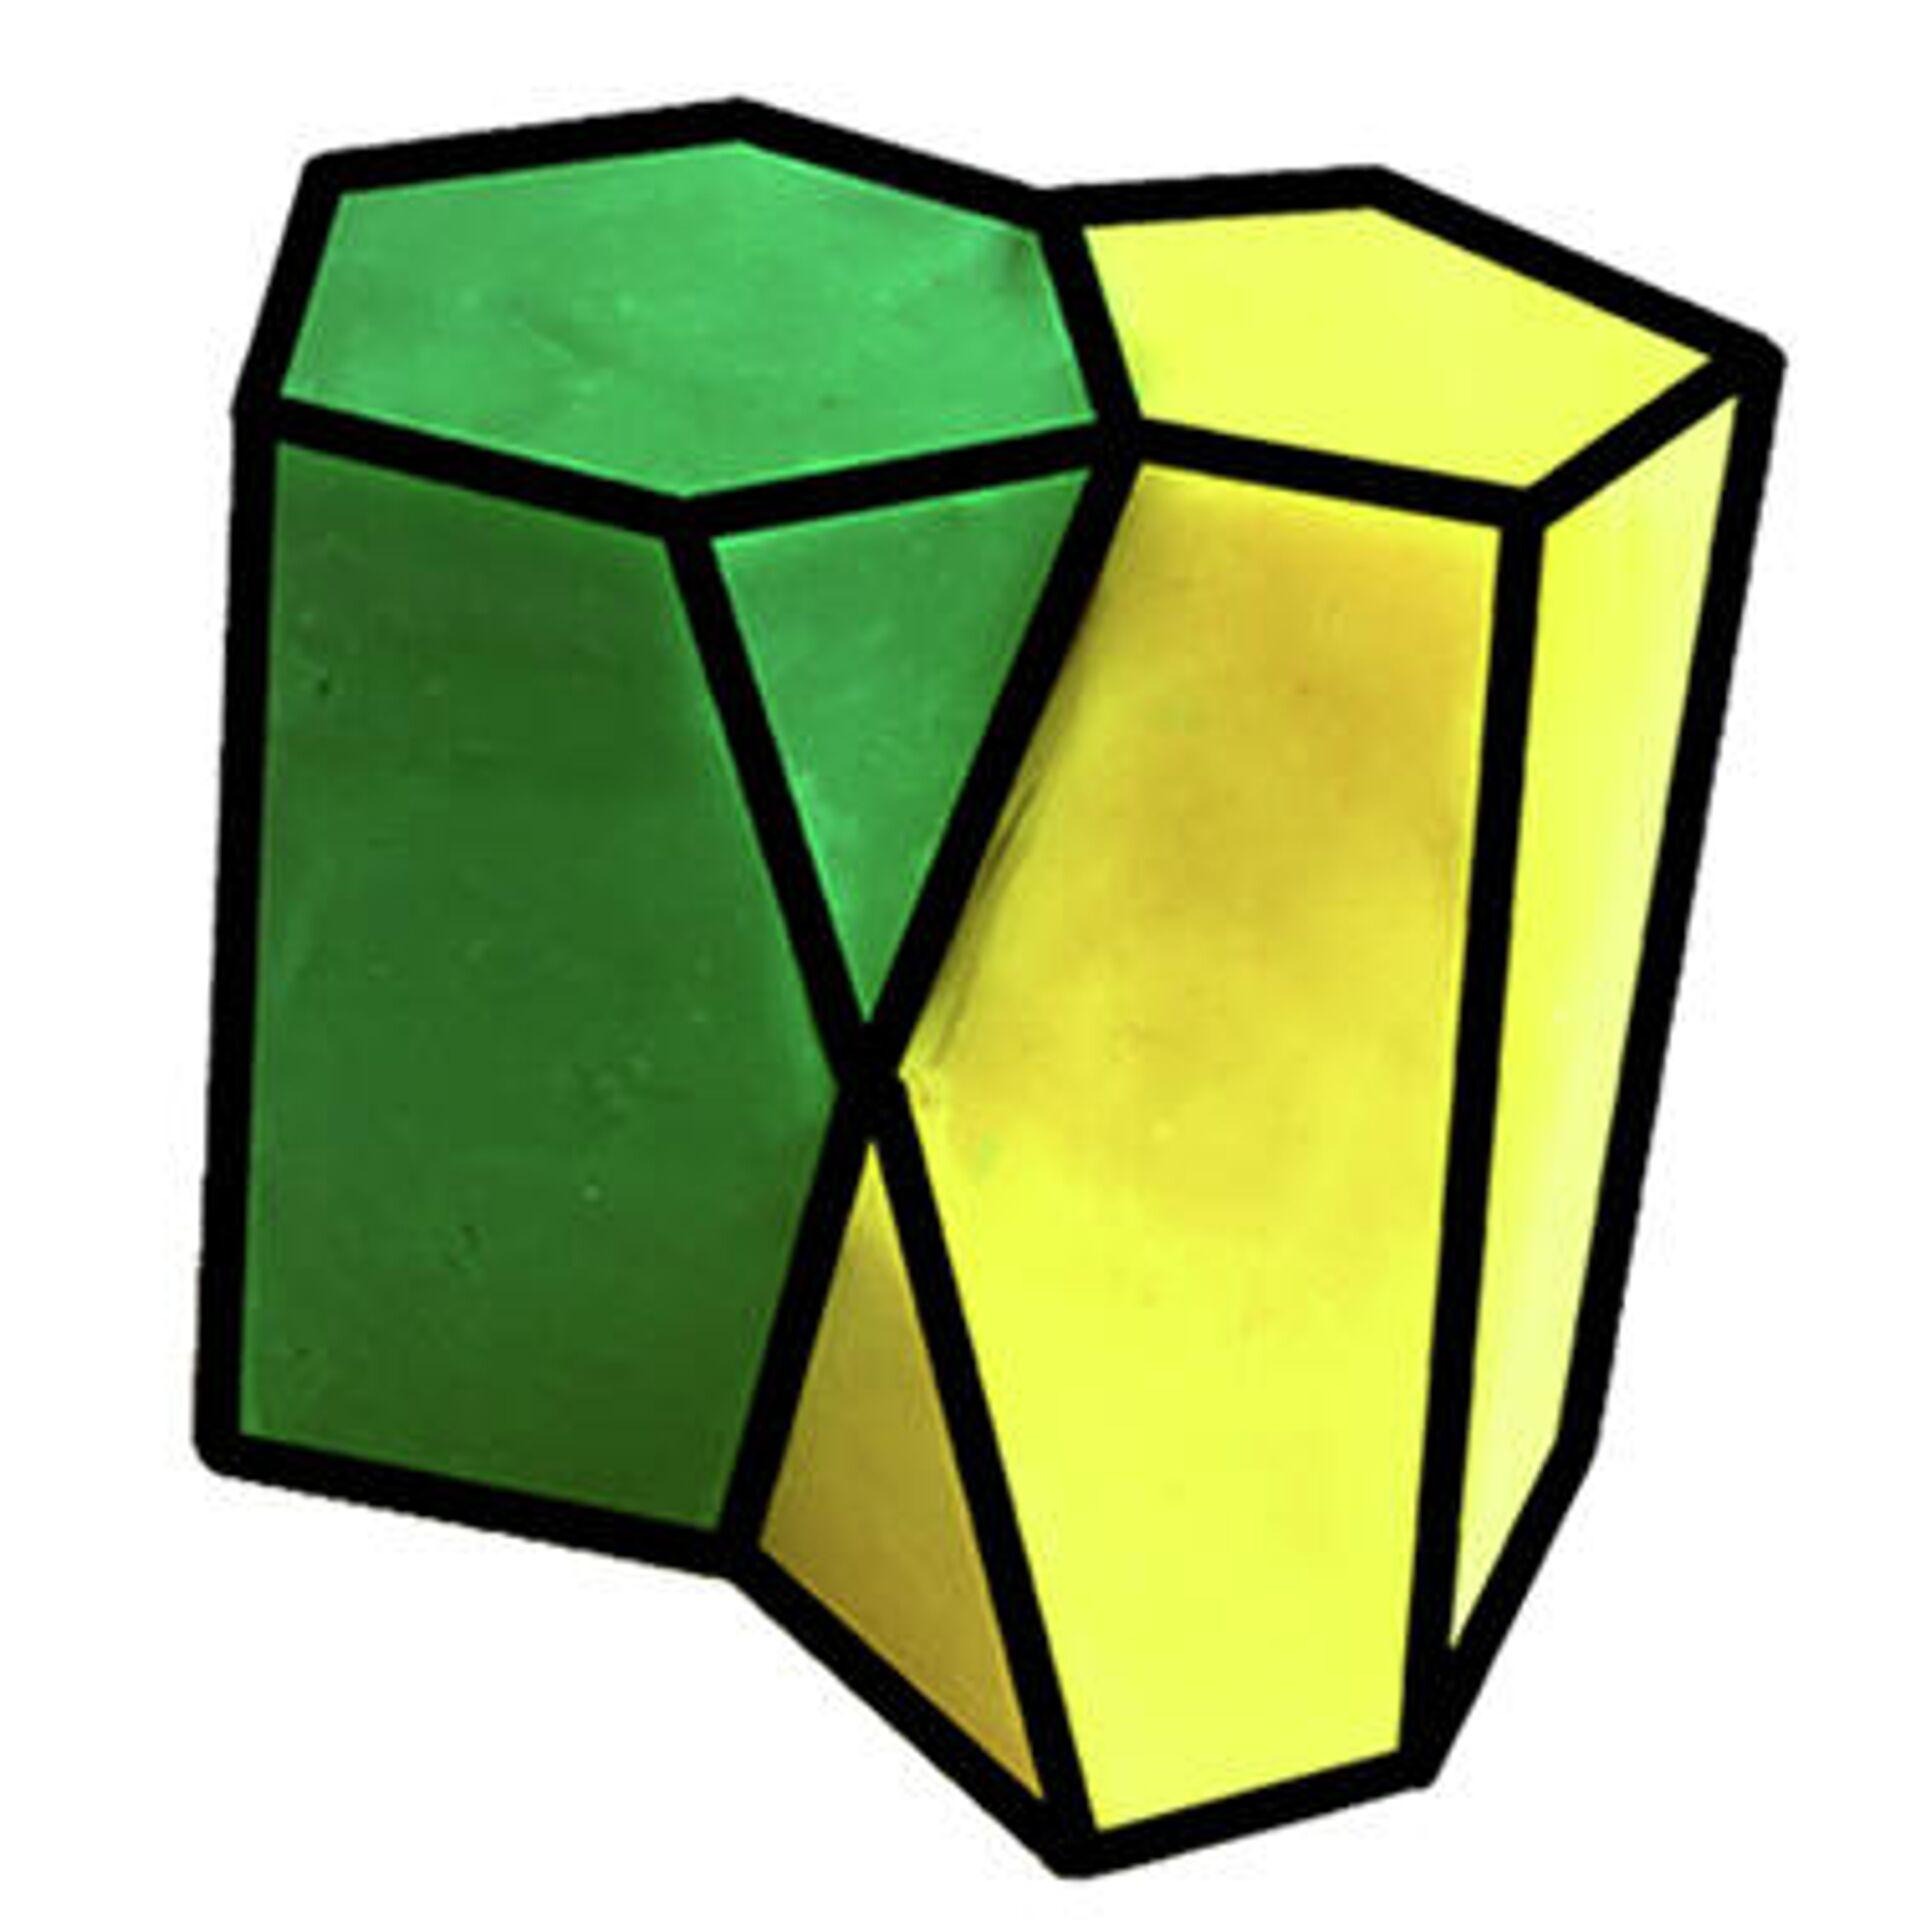 Escutoides, la nueva forma geométrica descubierta en 2018 - Sputnik Mundo, 1920, 06.09.2021